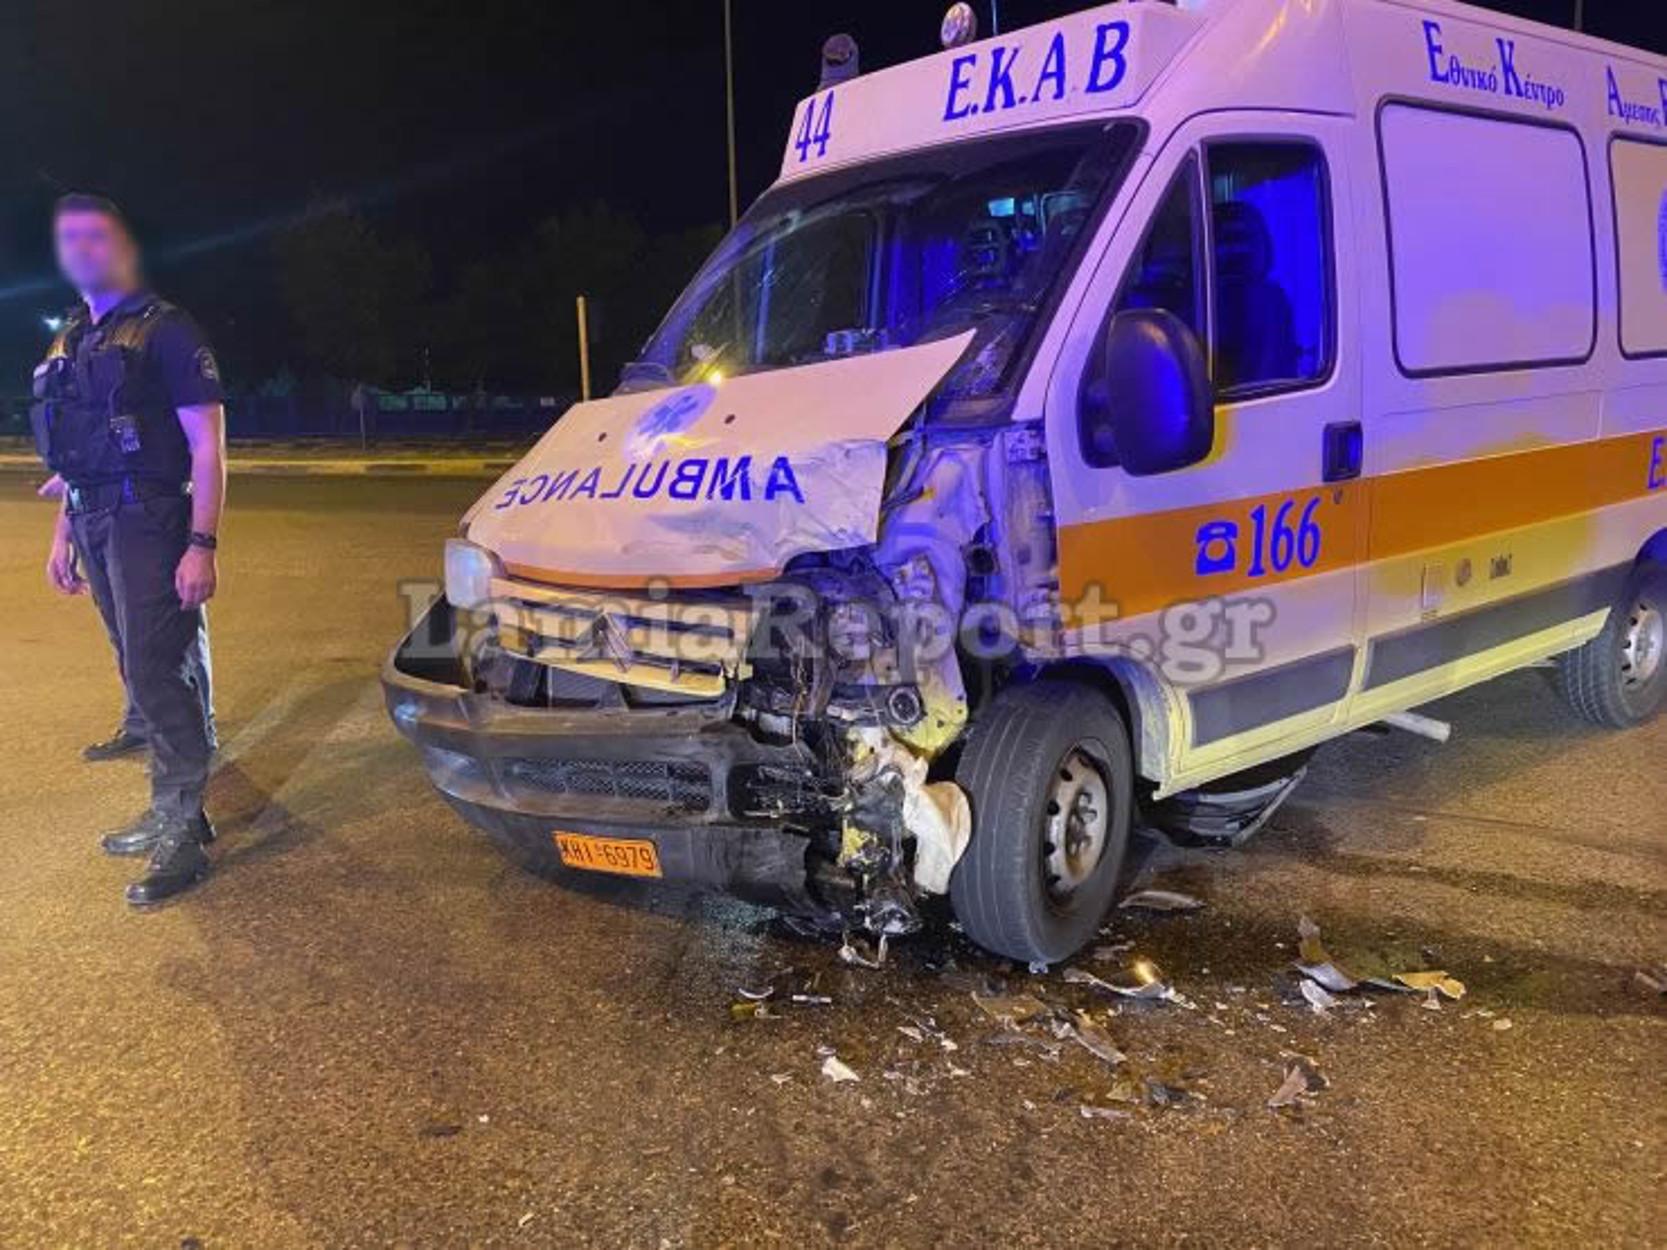 Λαμία: Τροχαίο με σφοδρή σύγκρουση ασθενοφόρου με αυτοκίνητο